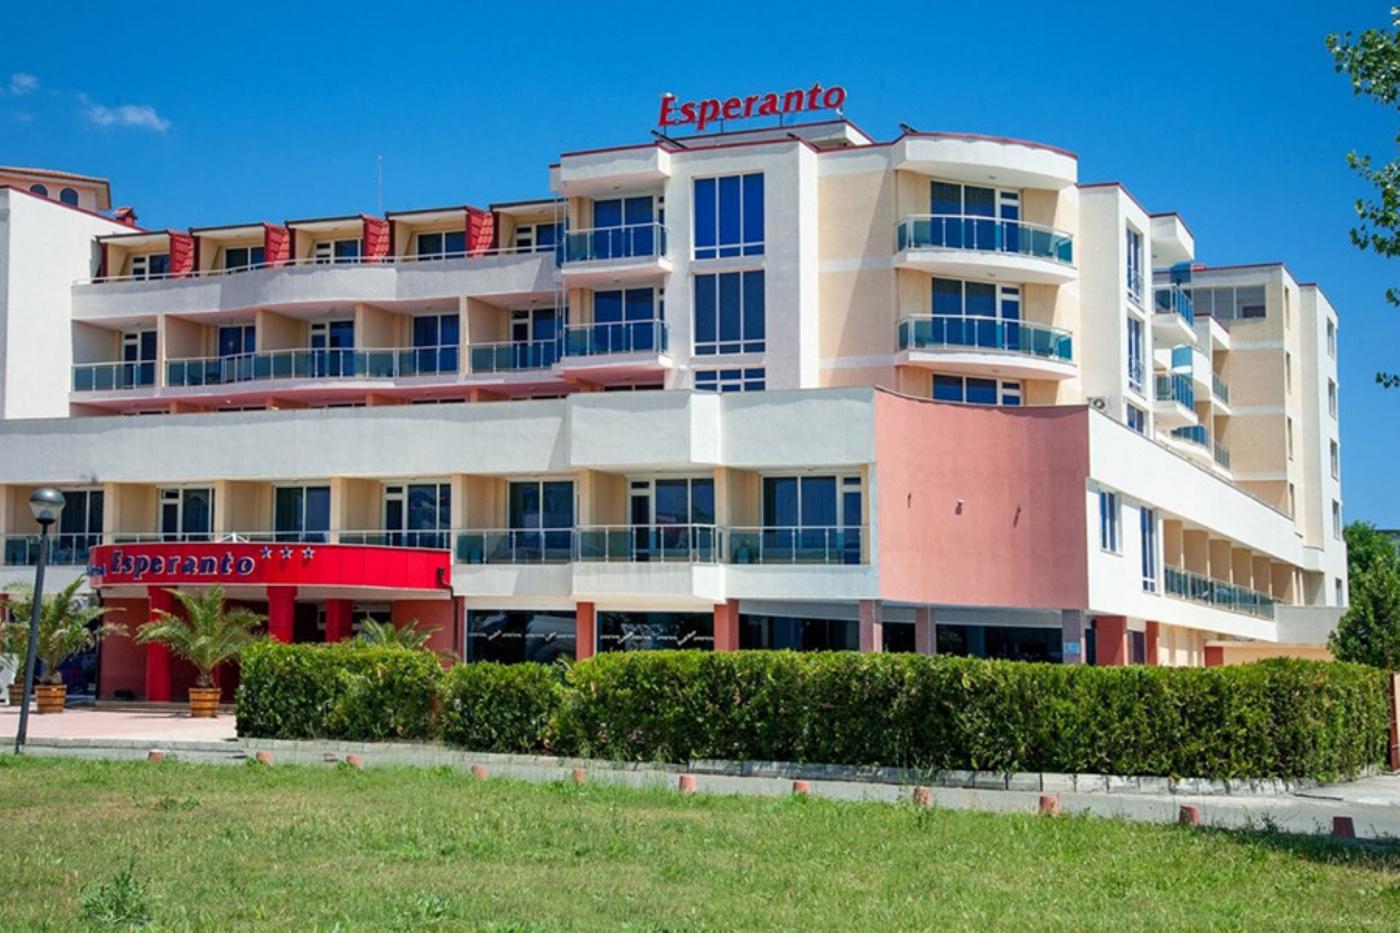 Esperanto Апарт-отель